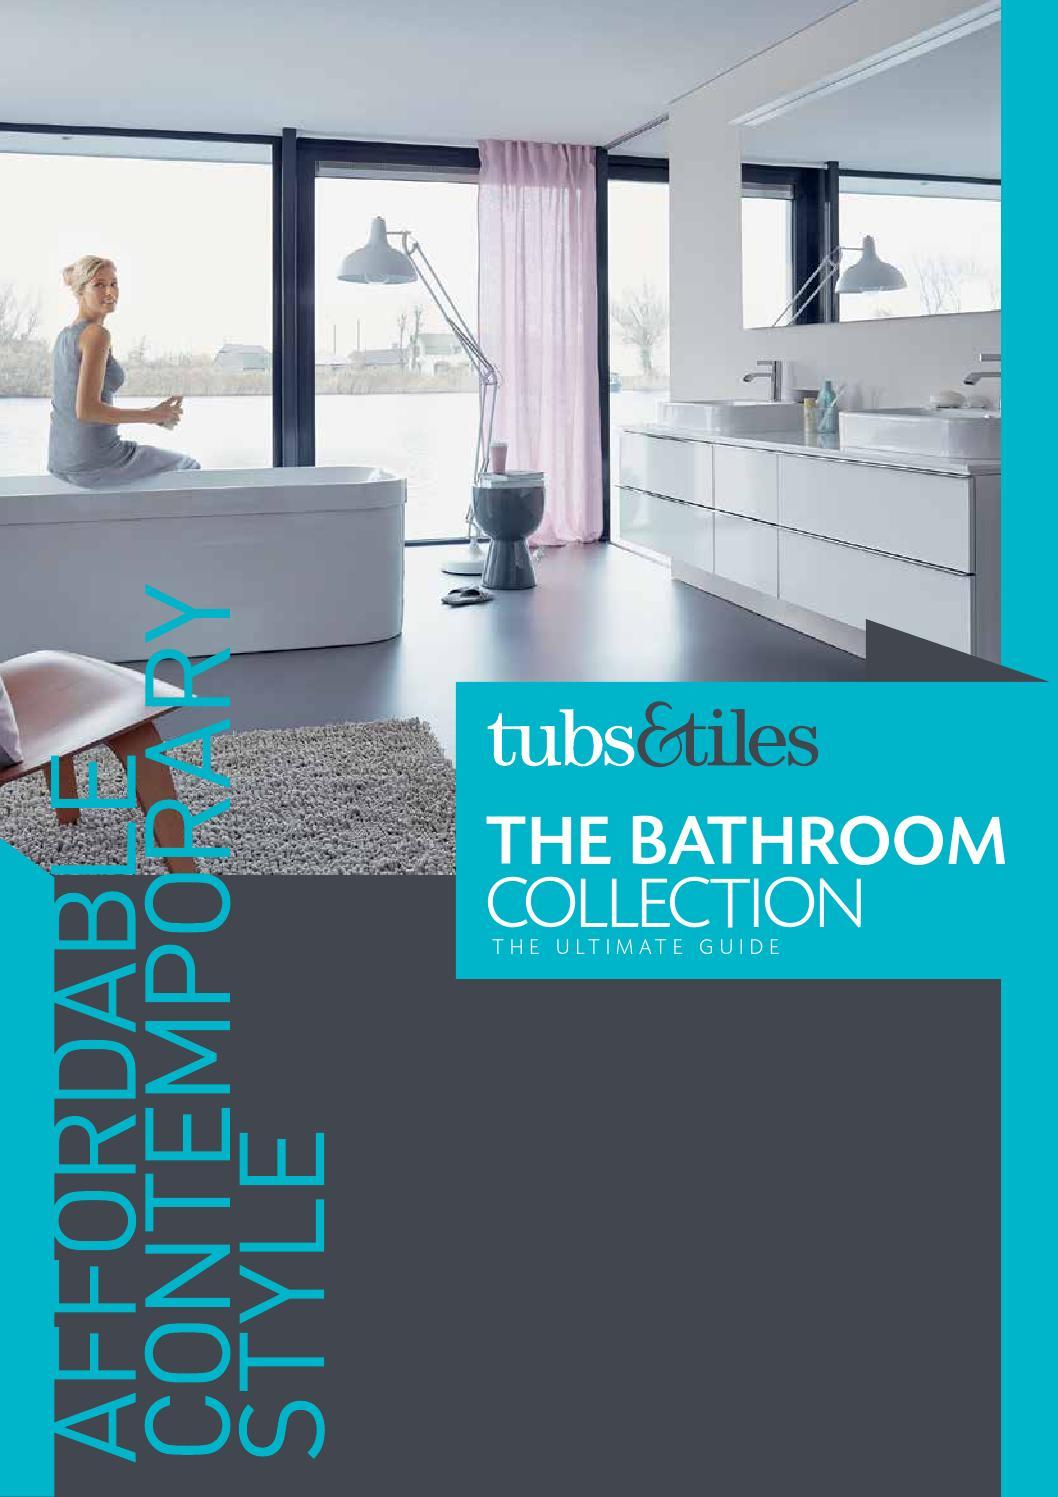 Tubs & tiles plumbing brochure 2015 by Heat Merchants Group - issuu